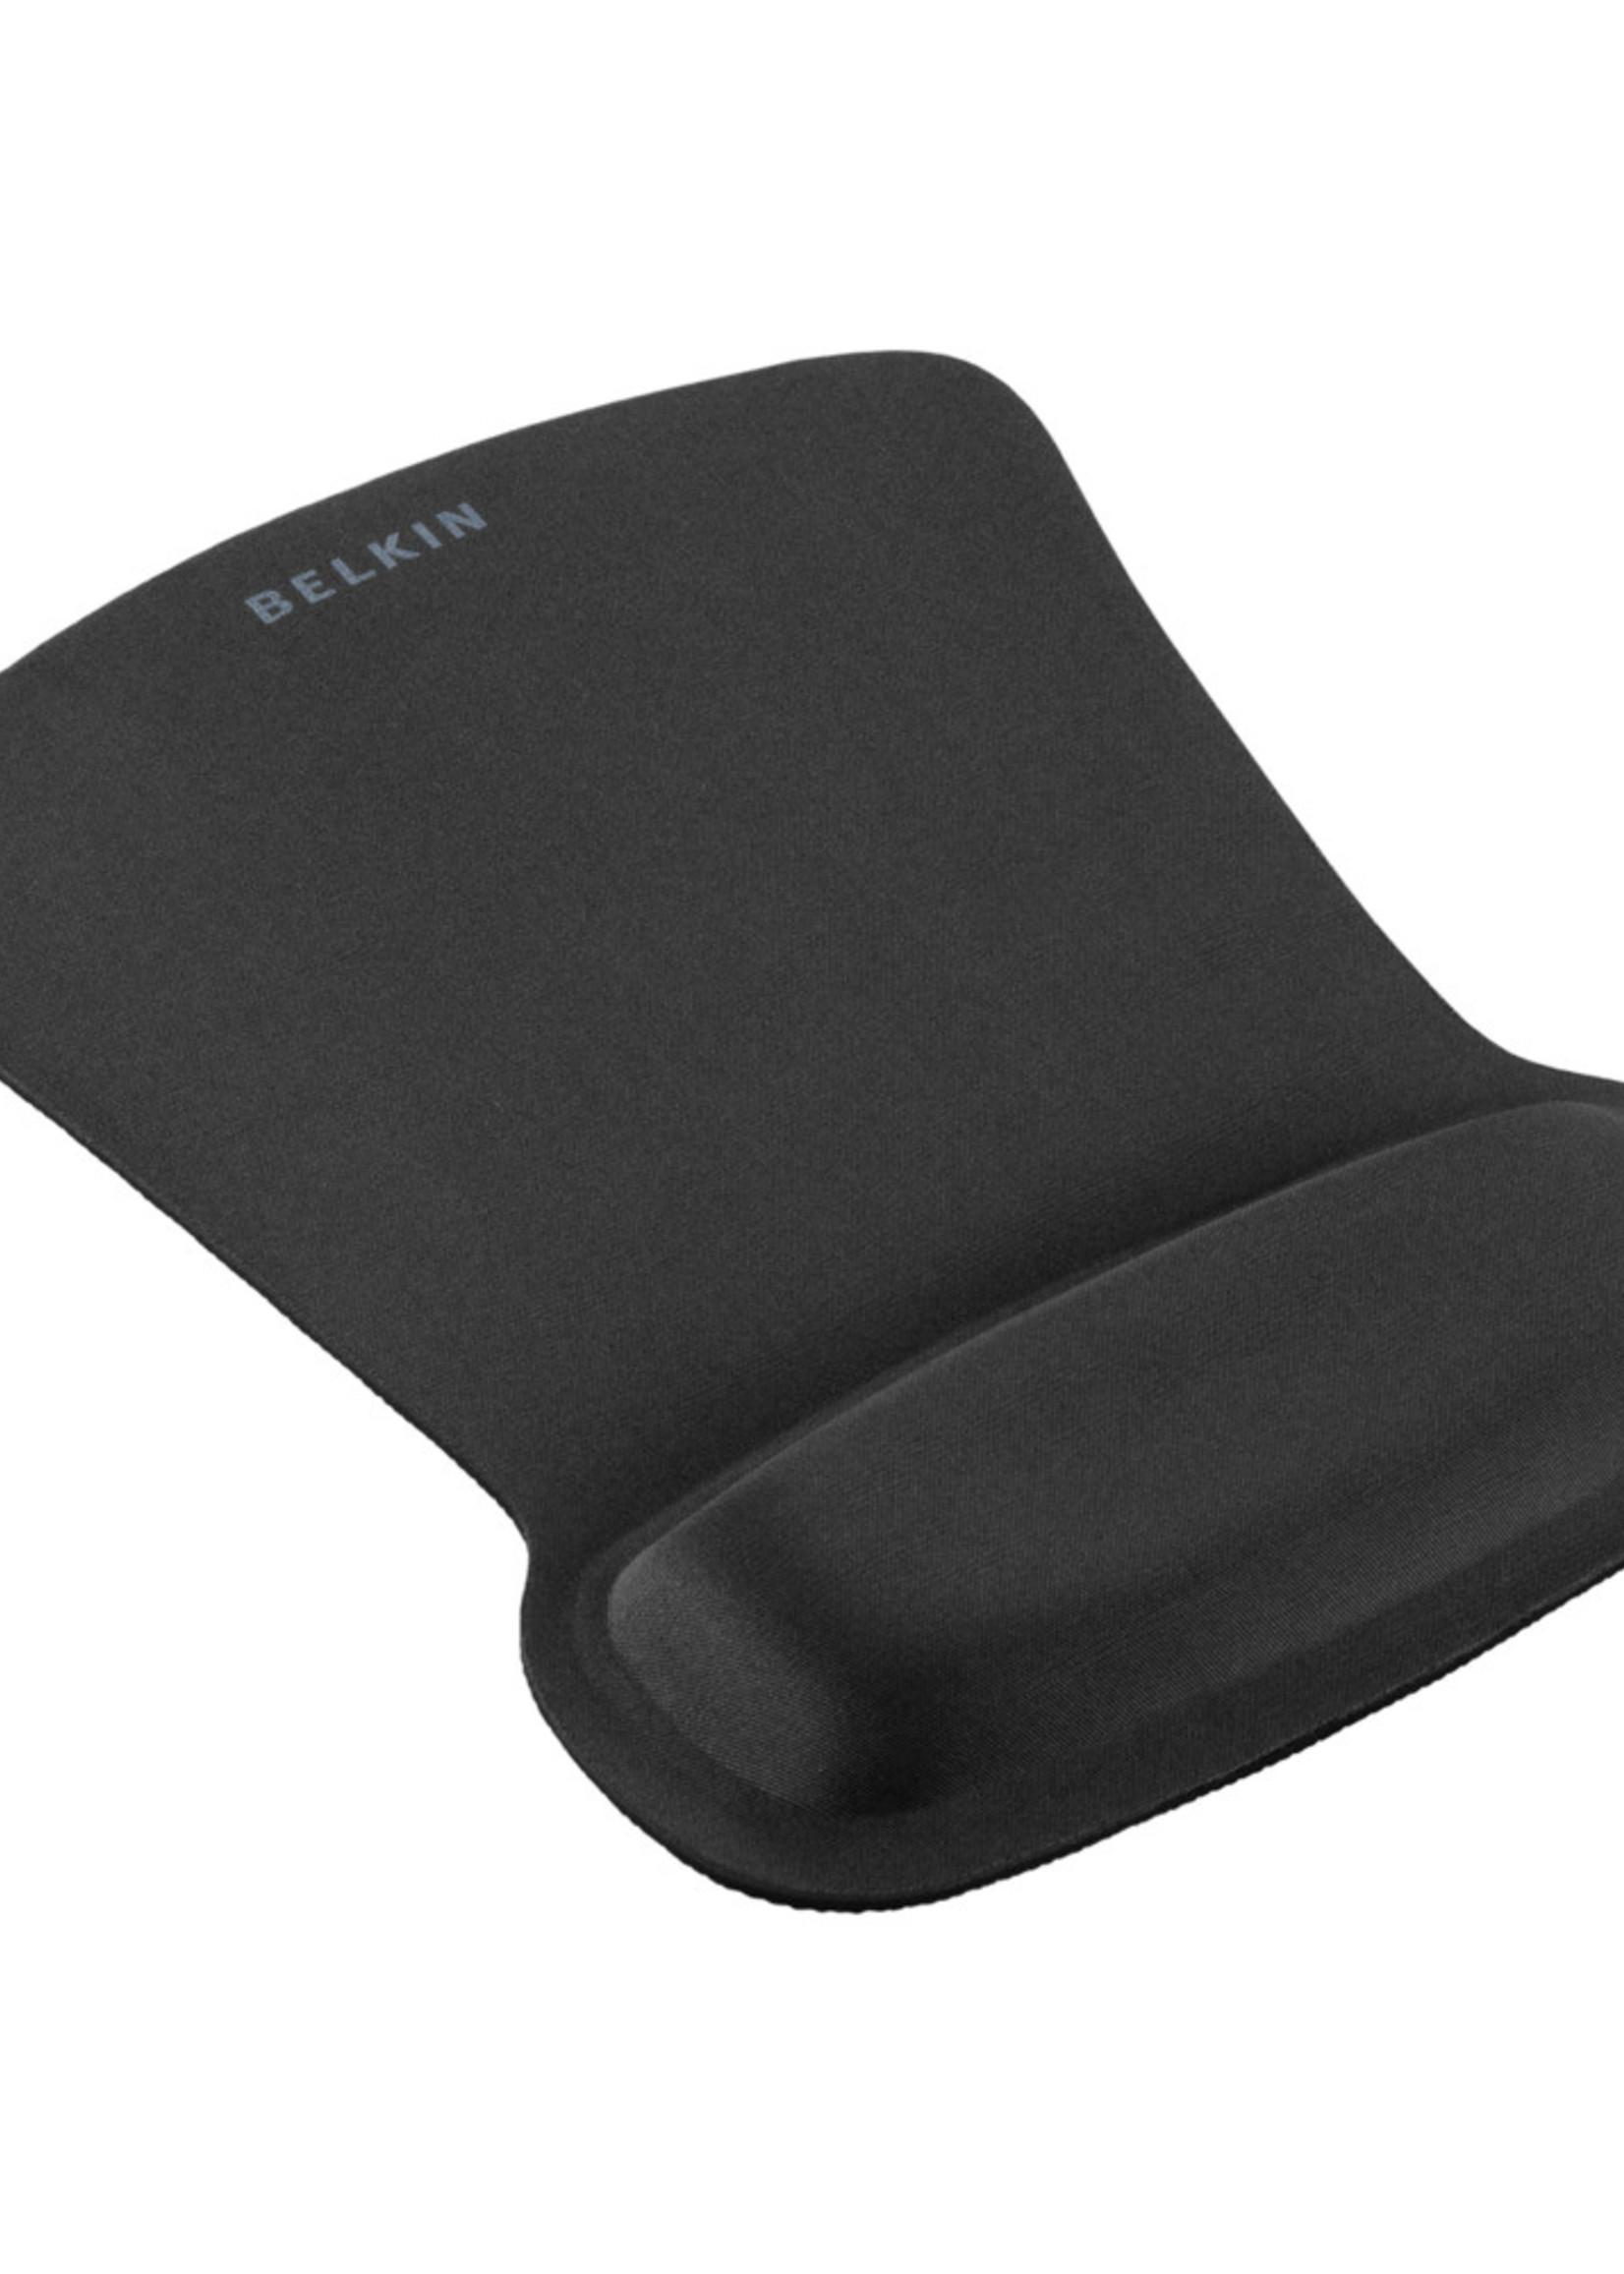 Belkin Belkin Wave Rest Mouse Pad with Wrist Rest